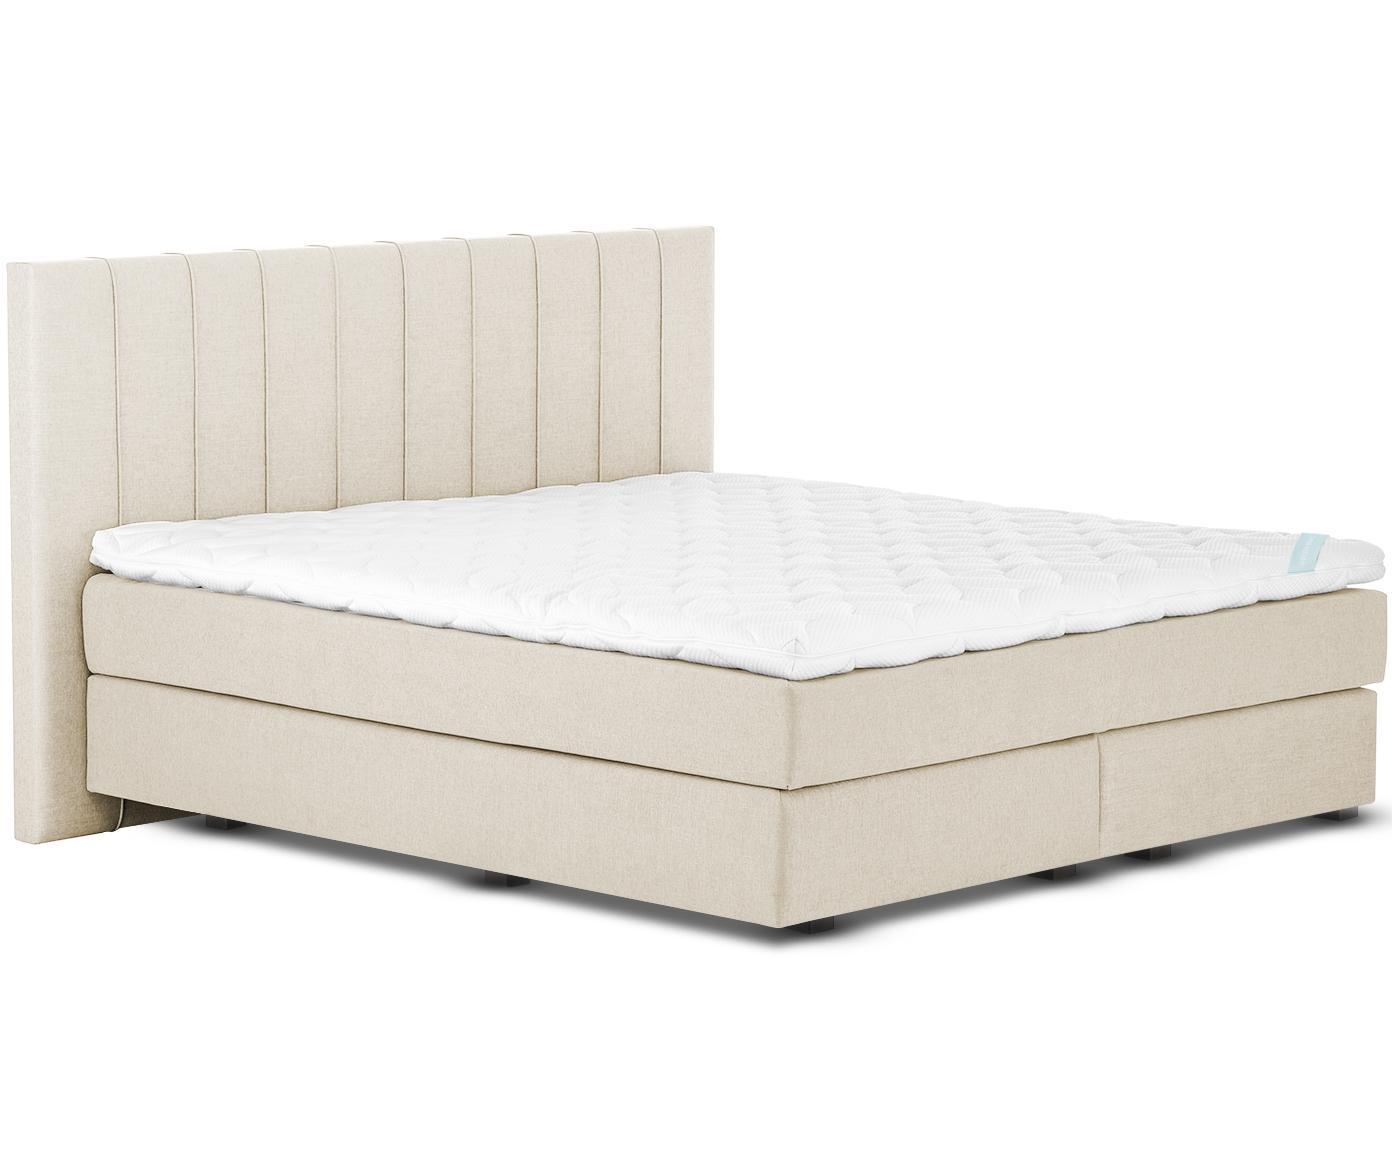 Łóżko kontynentalne premium Lacey, Nogi: lite drewno bukowe, lakie, Beżowy, 140 x 200 cm